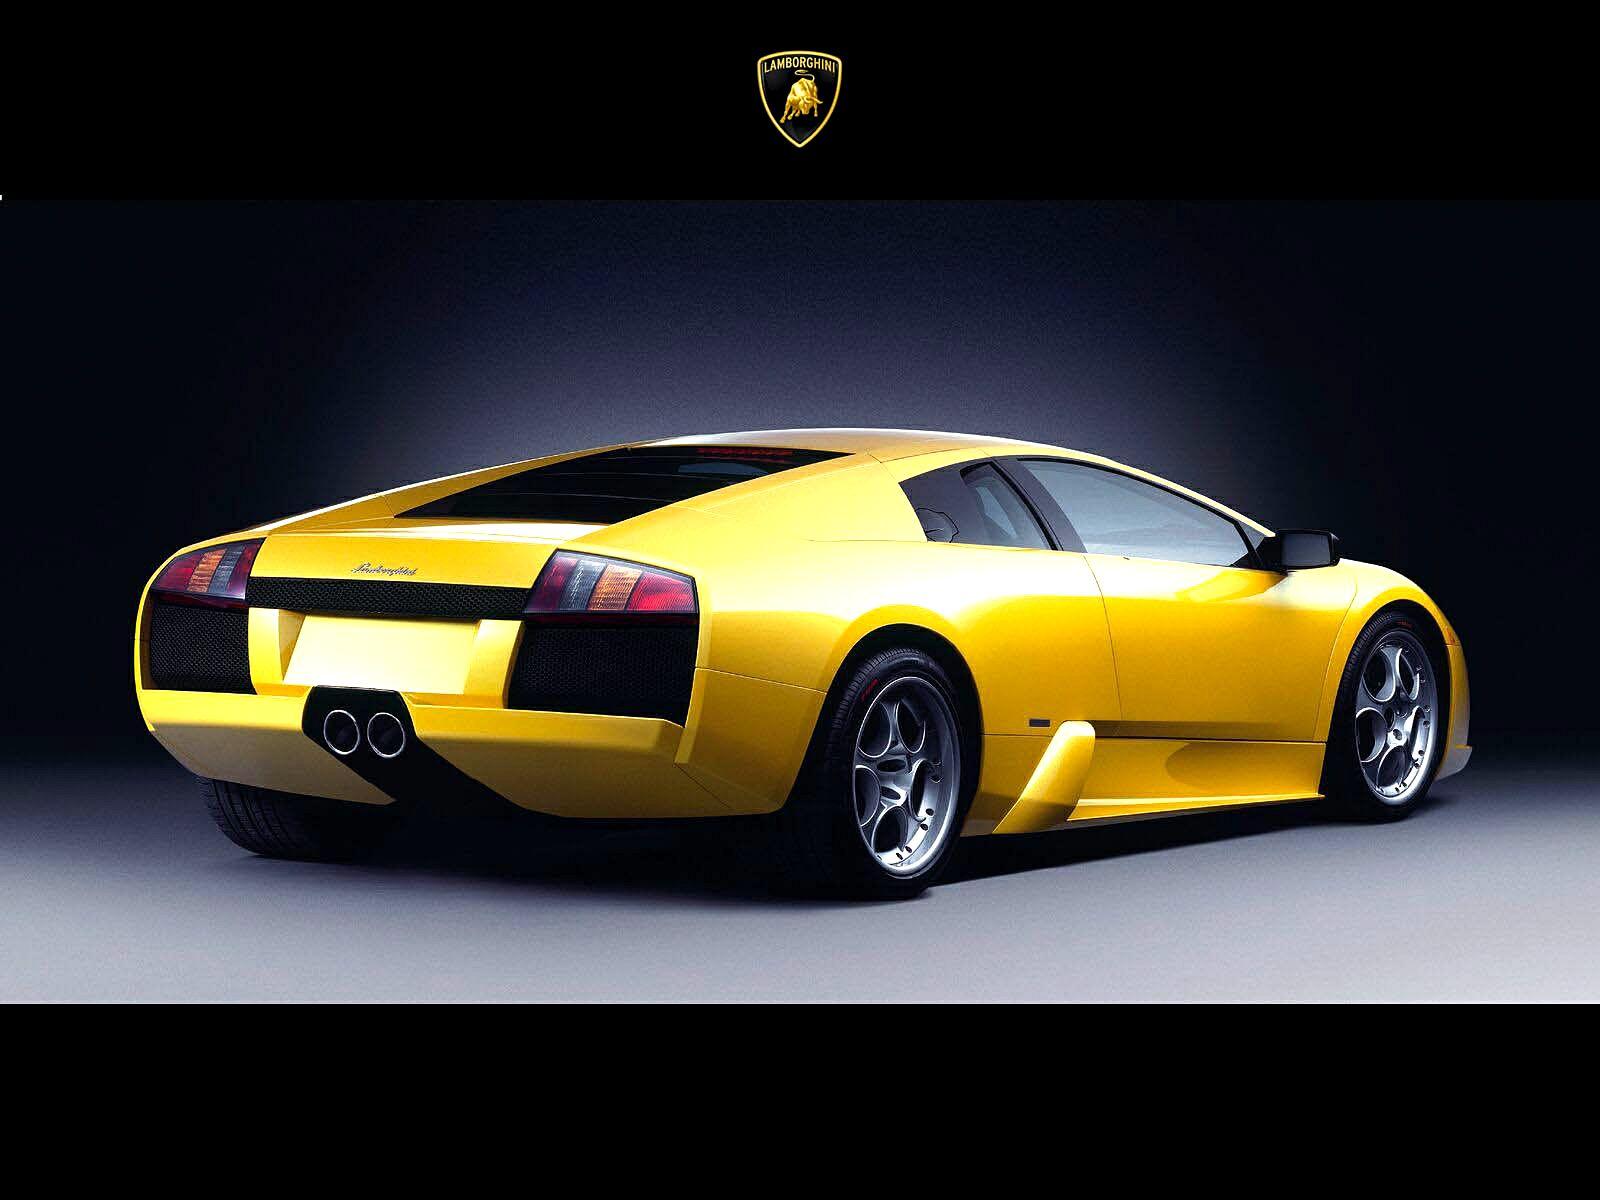 World Of Cars Lamborghini Murcielago Wallpaper 3